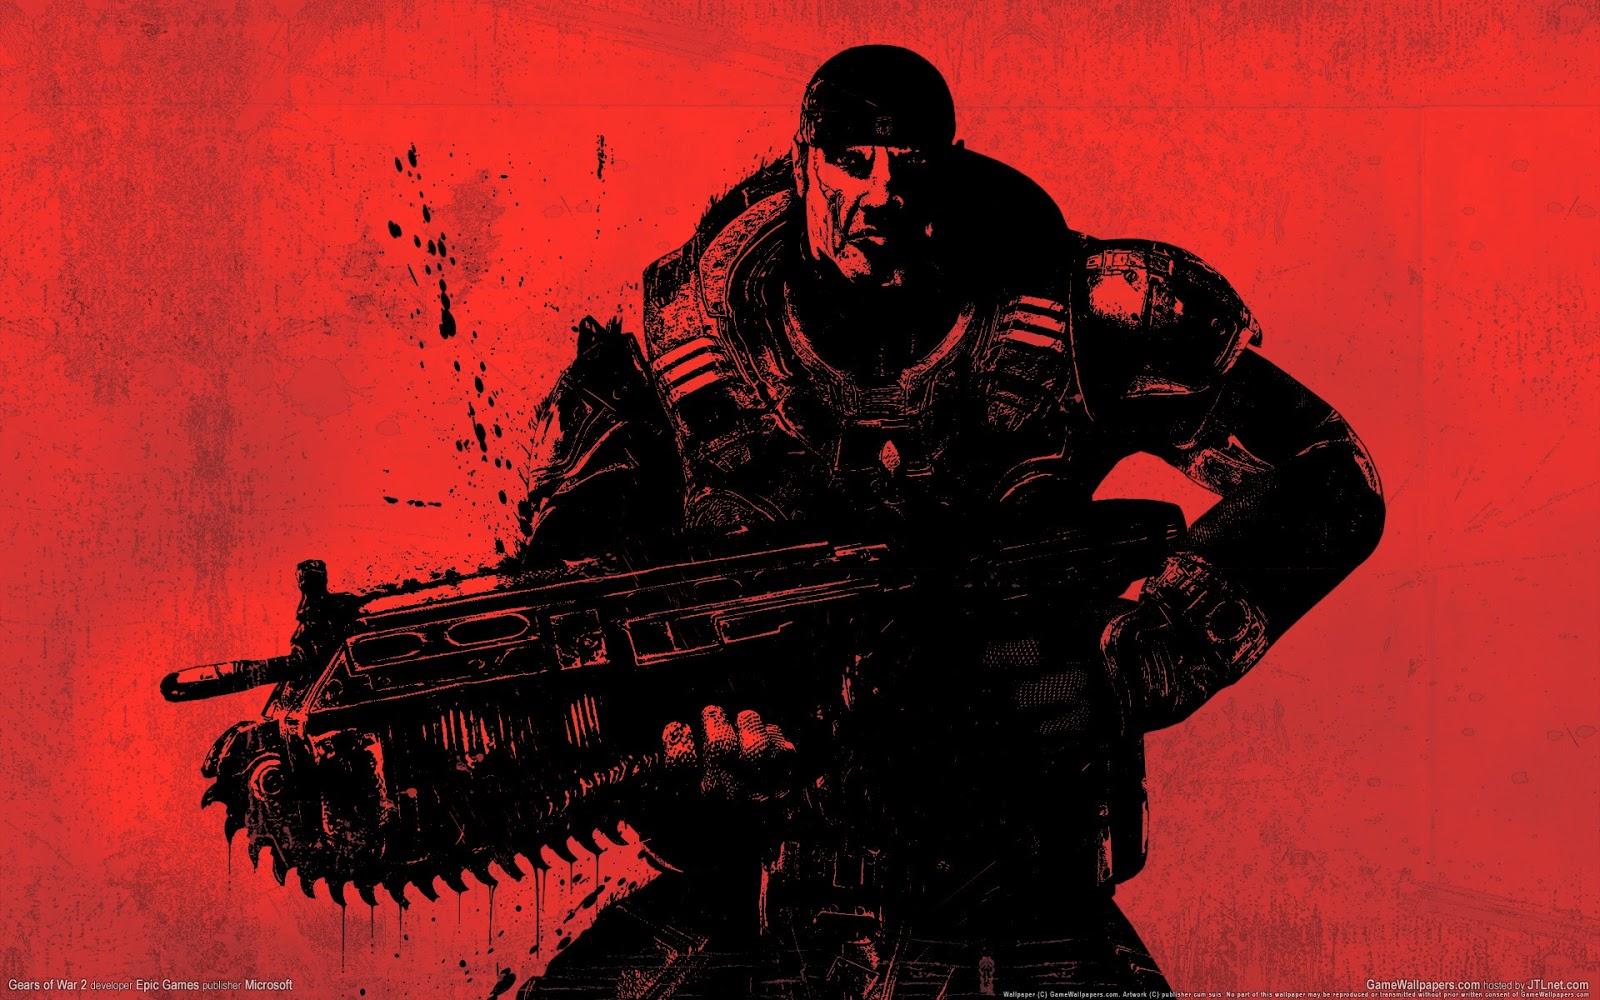 http://3.bp.blogspot.com/-flDqGVYK6j4/ULr6qi9zp1I/AAAAAAAADKI/l1i-wym_nvc/s1600/wallpaper_gears_of_war_2_06-1920x1200%5B1%5D-84891.jpeg